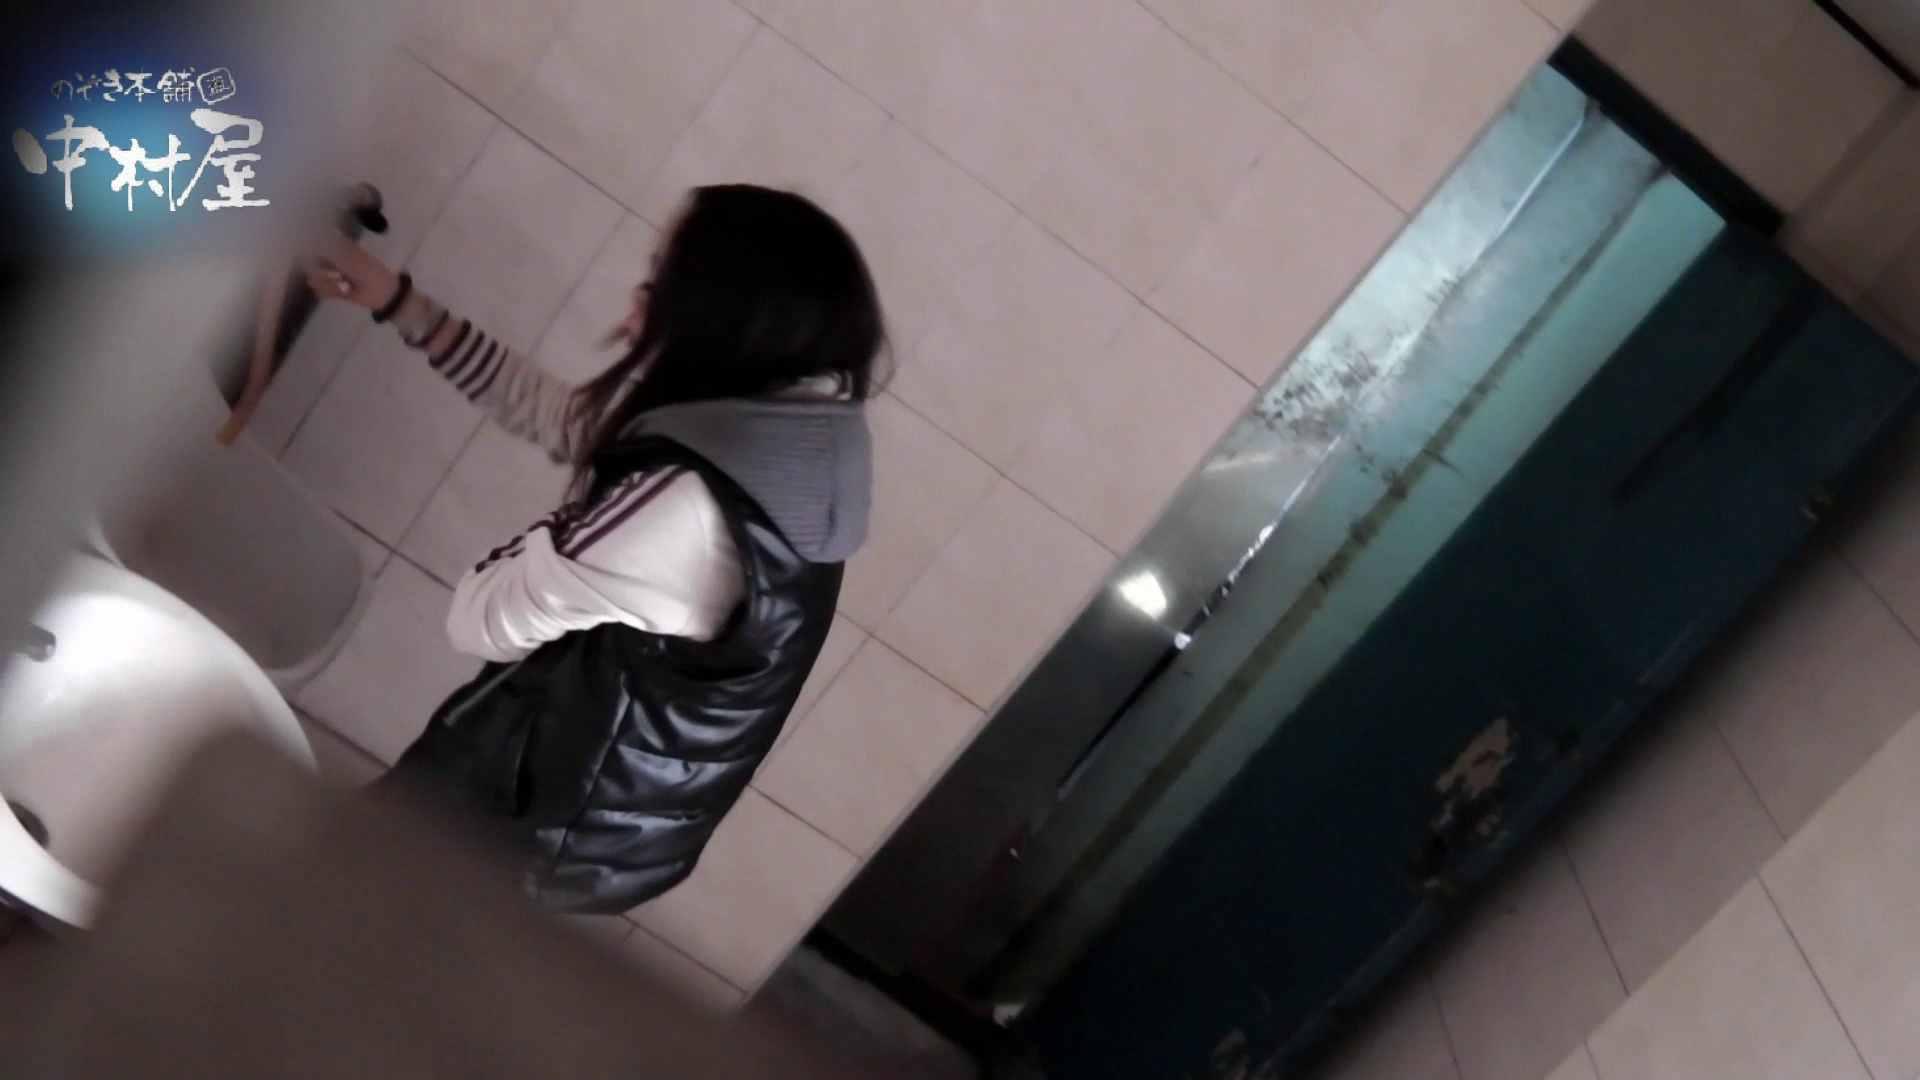 乙女集まる!ショッピングモール潜入撮vol.06 OLのエロ生活   和式  108連発 31